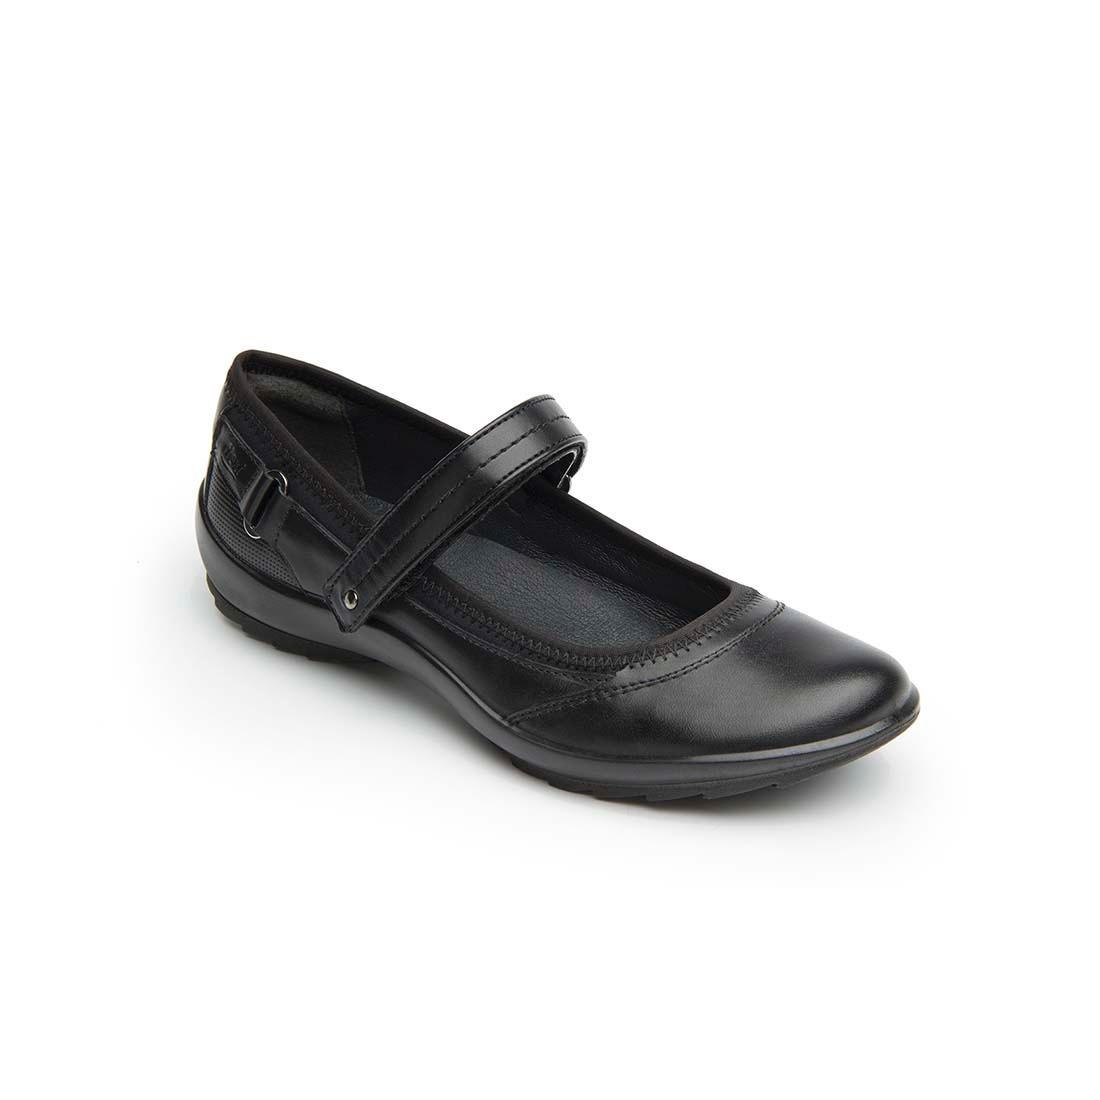 6907eb17333 Zapatos Piel Piso Flexi Dama Casual Rudos -   560.15 en Mercado Libre